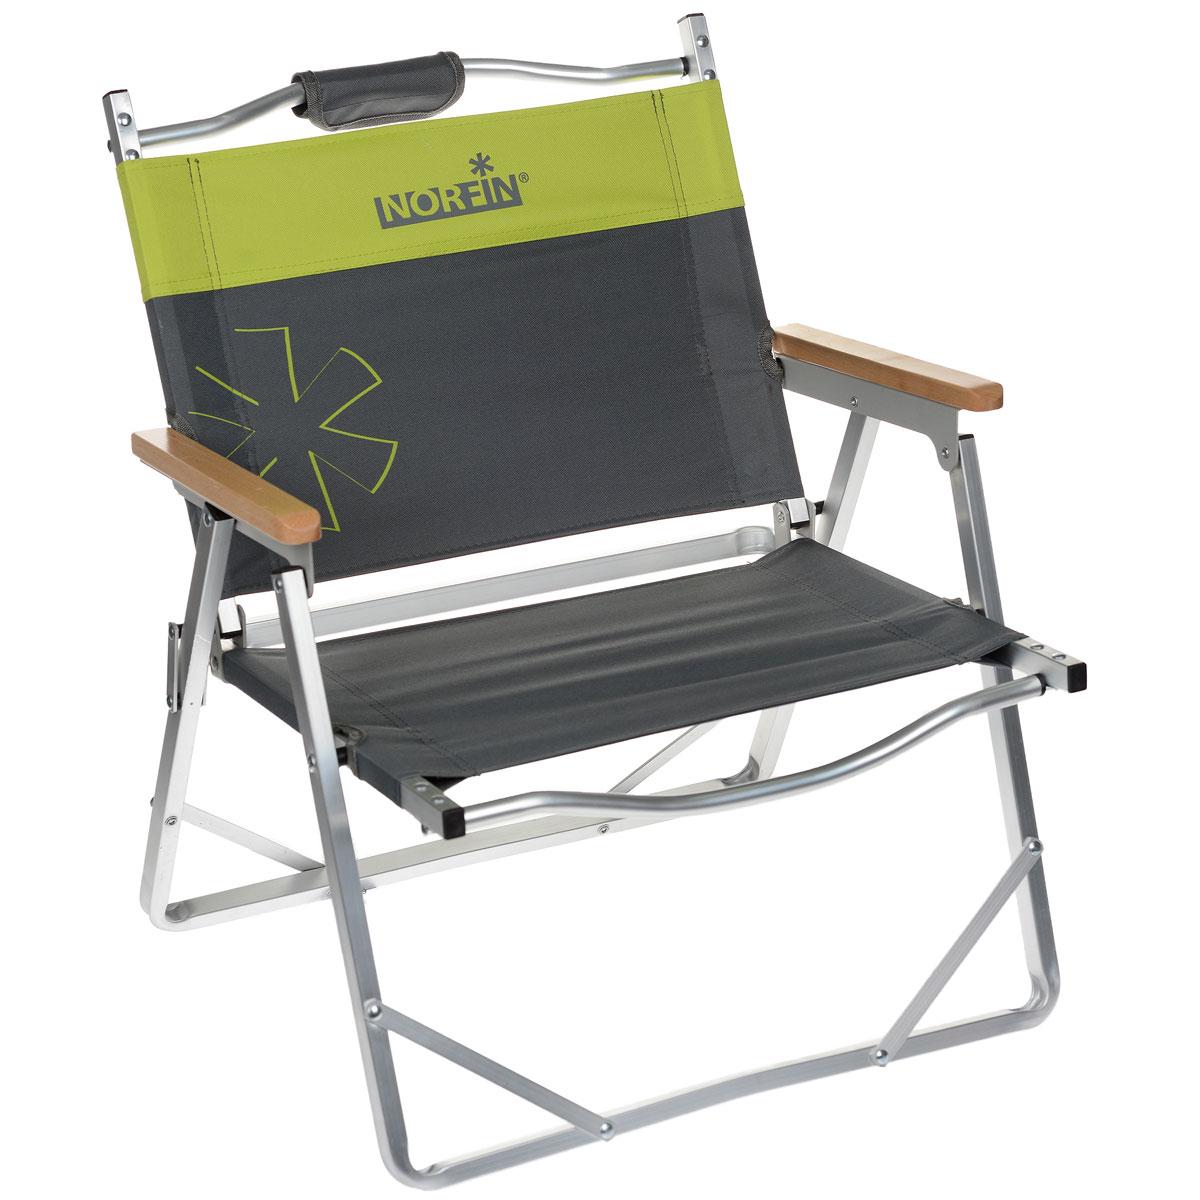 Кресло складное Norfin Alesund NF Alu, цвет: серый, желтый, 47 см х 54 см х 62 смNF-20213Невысокое складное кресло Norfin Alesund NF Alu -это незаменимый предмет походной мебели. Прочный и легкий каркас выполнен из алюминия. Оснащено деревянными подлокотниками. Легкое, очень удобно для переноски, так как в складном виде имеет ручки.